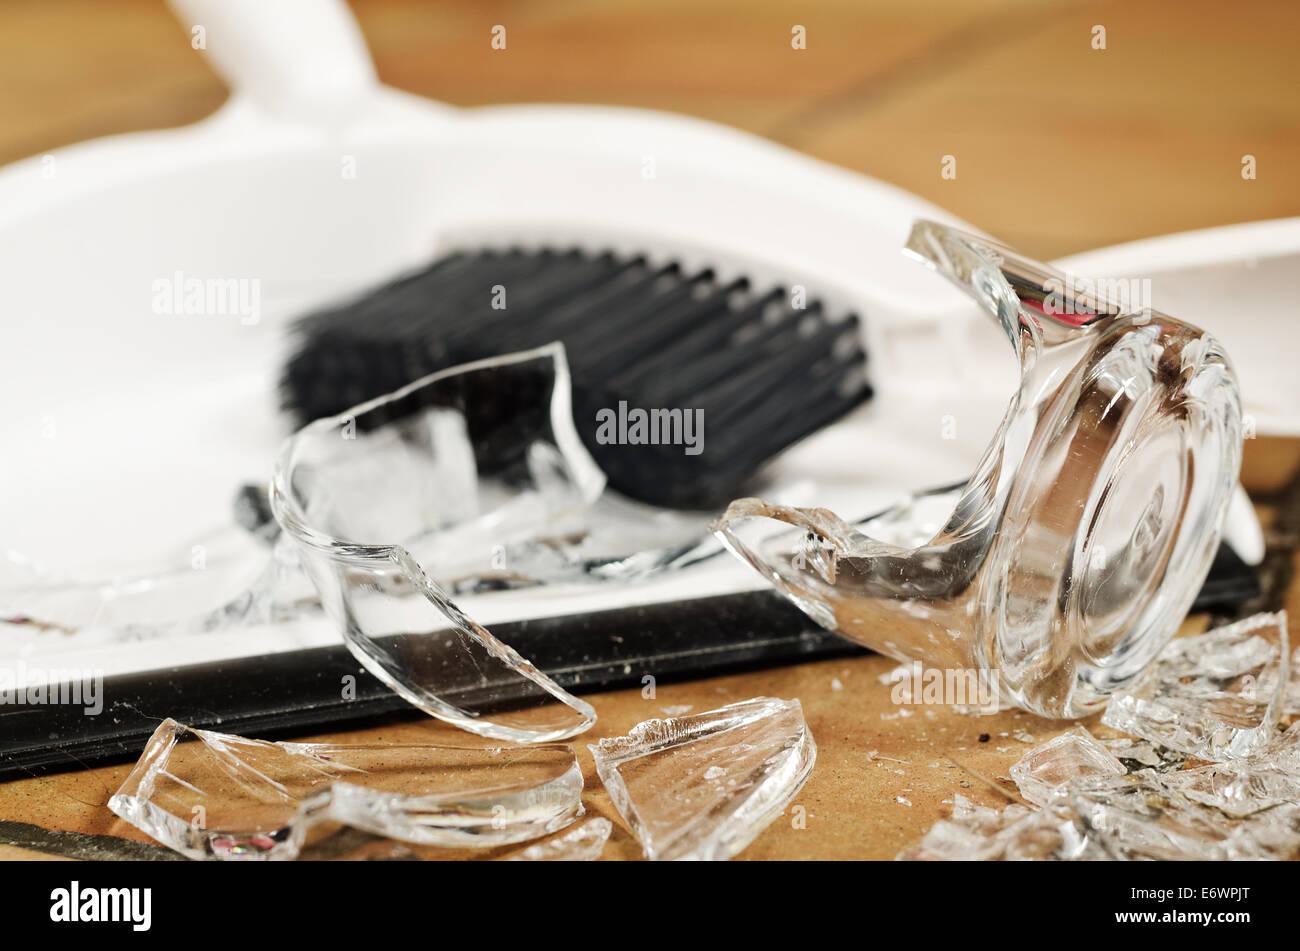 Scampoli pila di vetri rotti sul pavimento dopo un incidente e Vetro scivolato fuori le mani bagnate rovesciati Immagini Stock